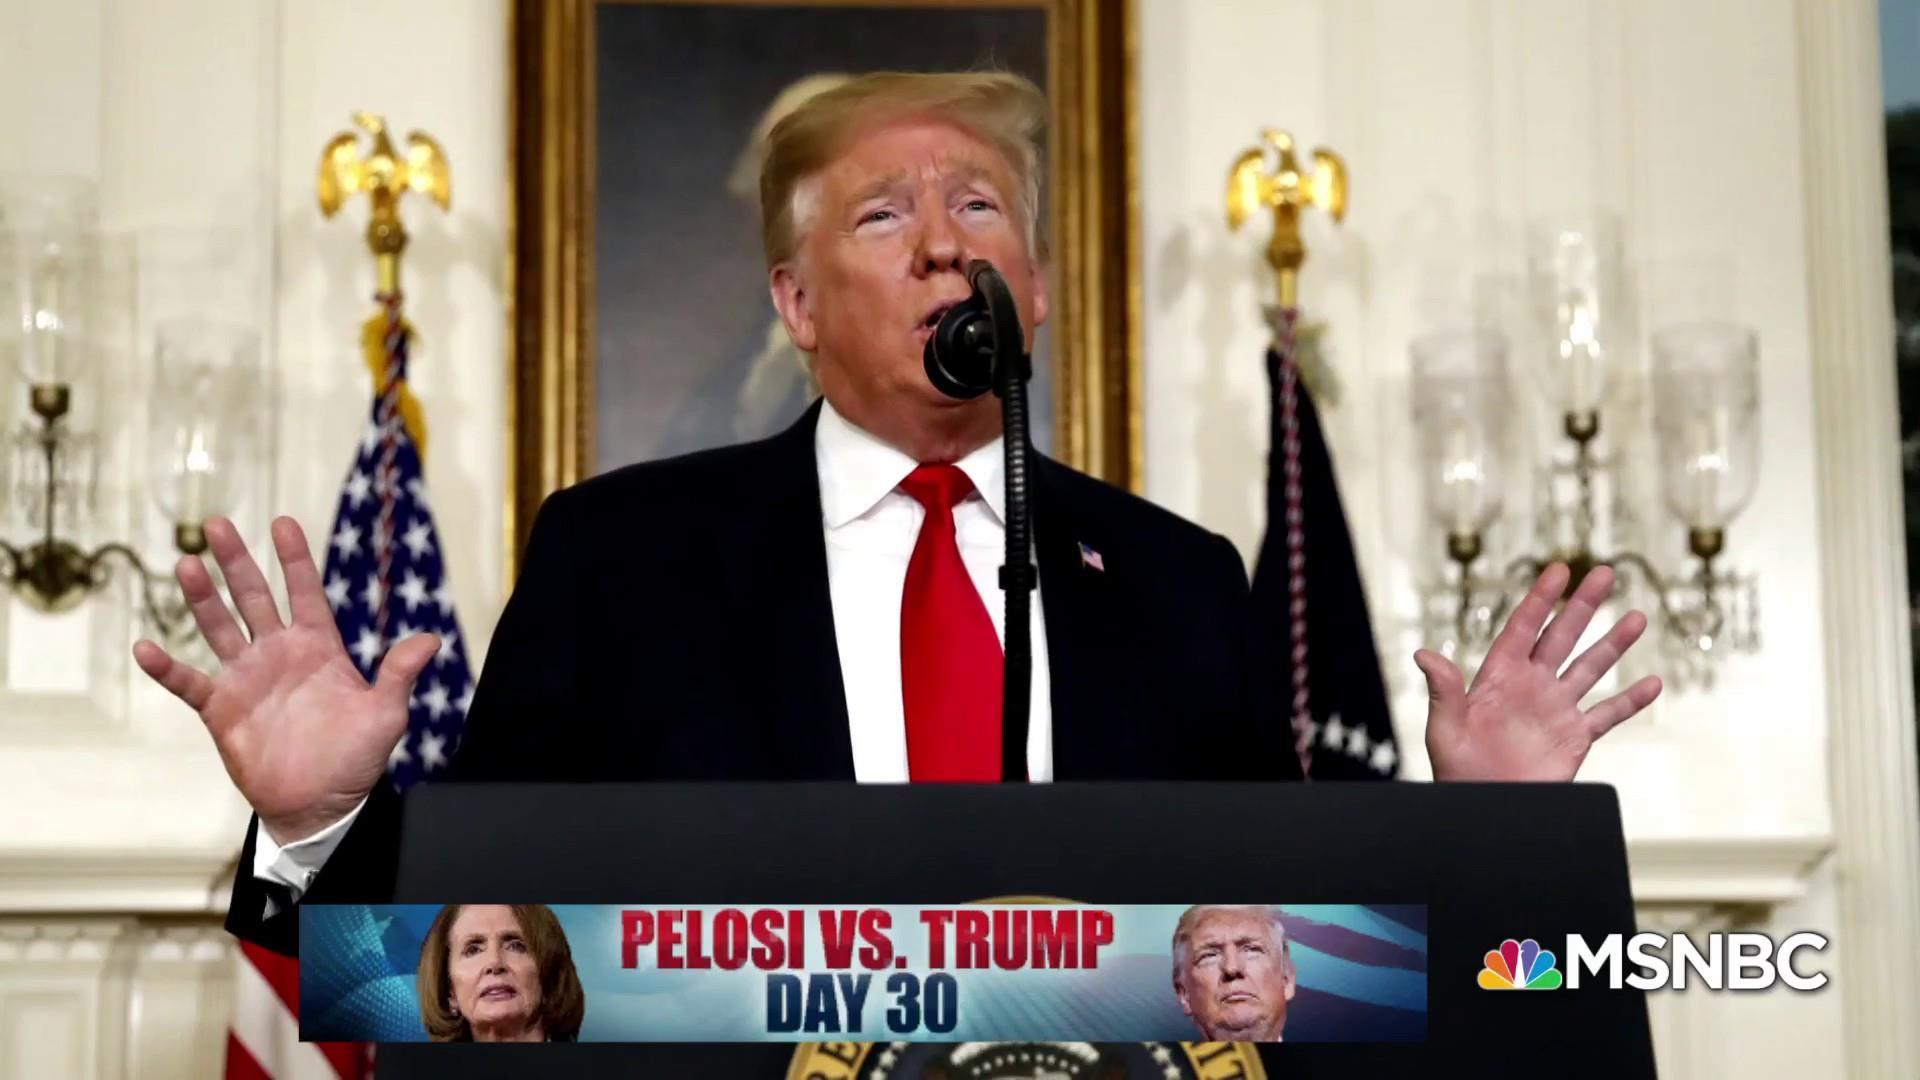 Trump vs. Pelosi, Day 30